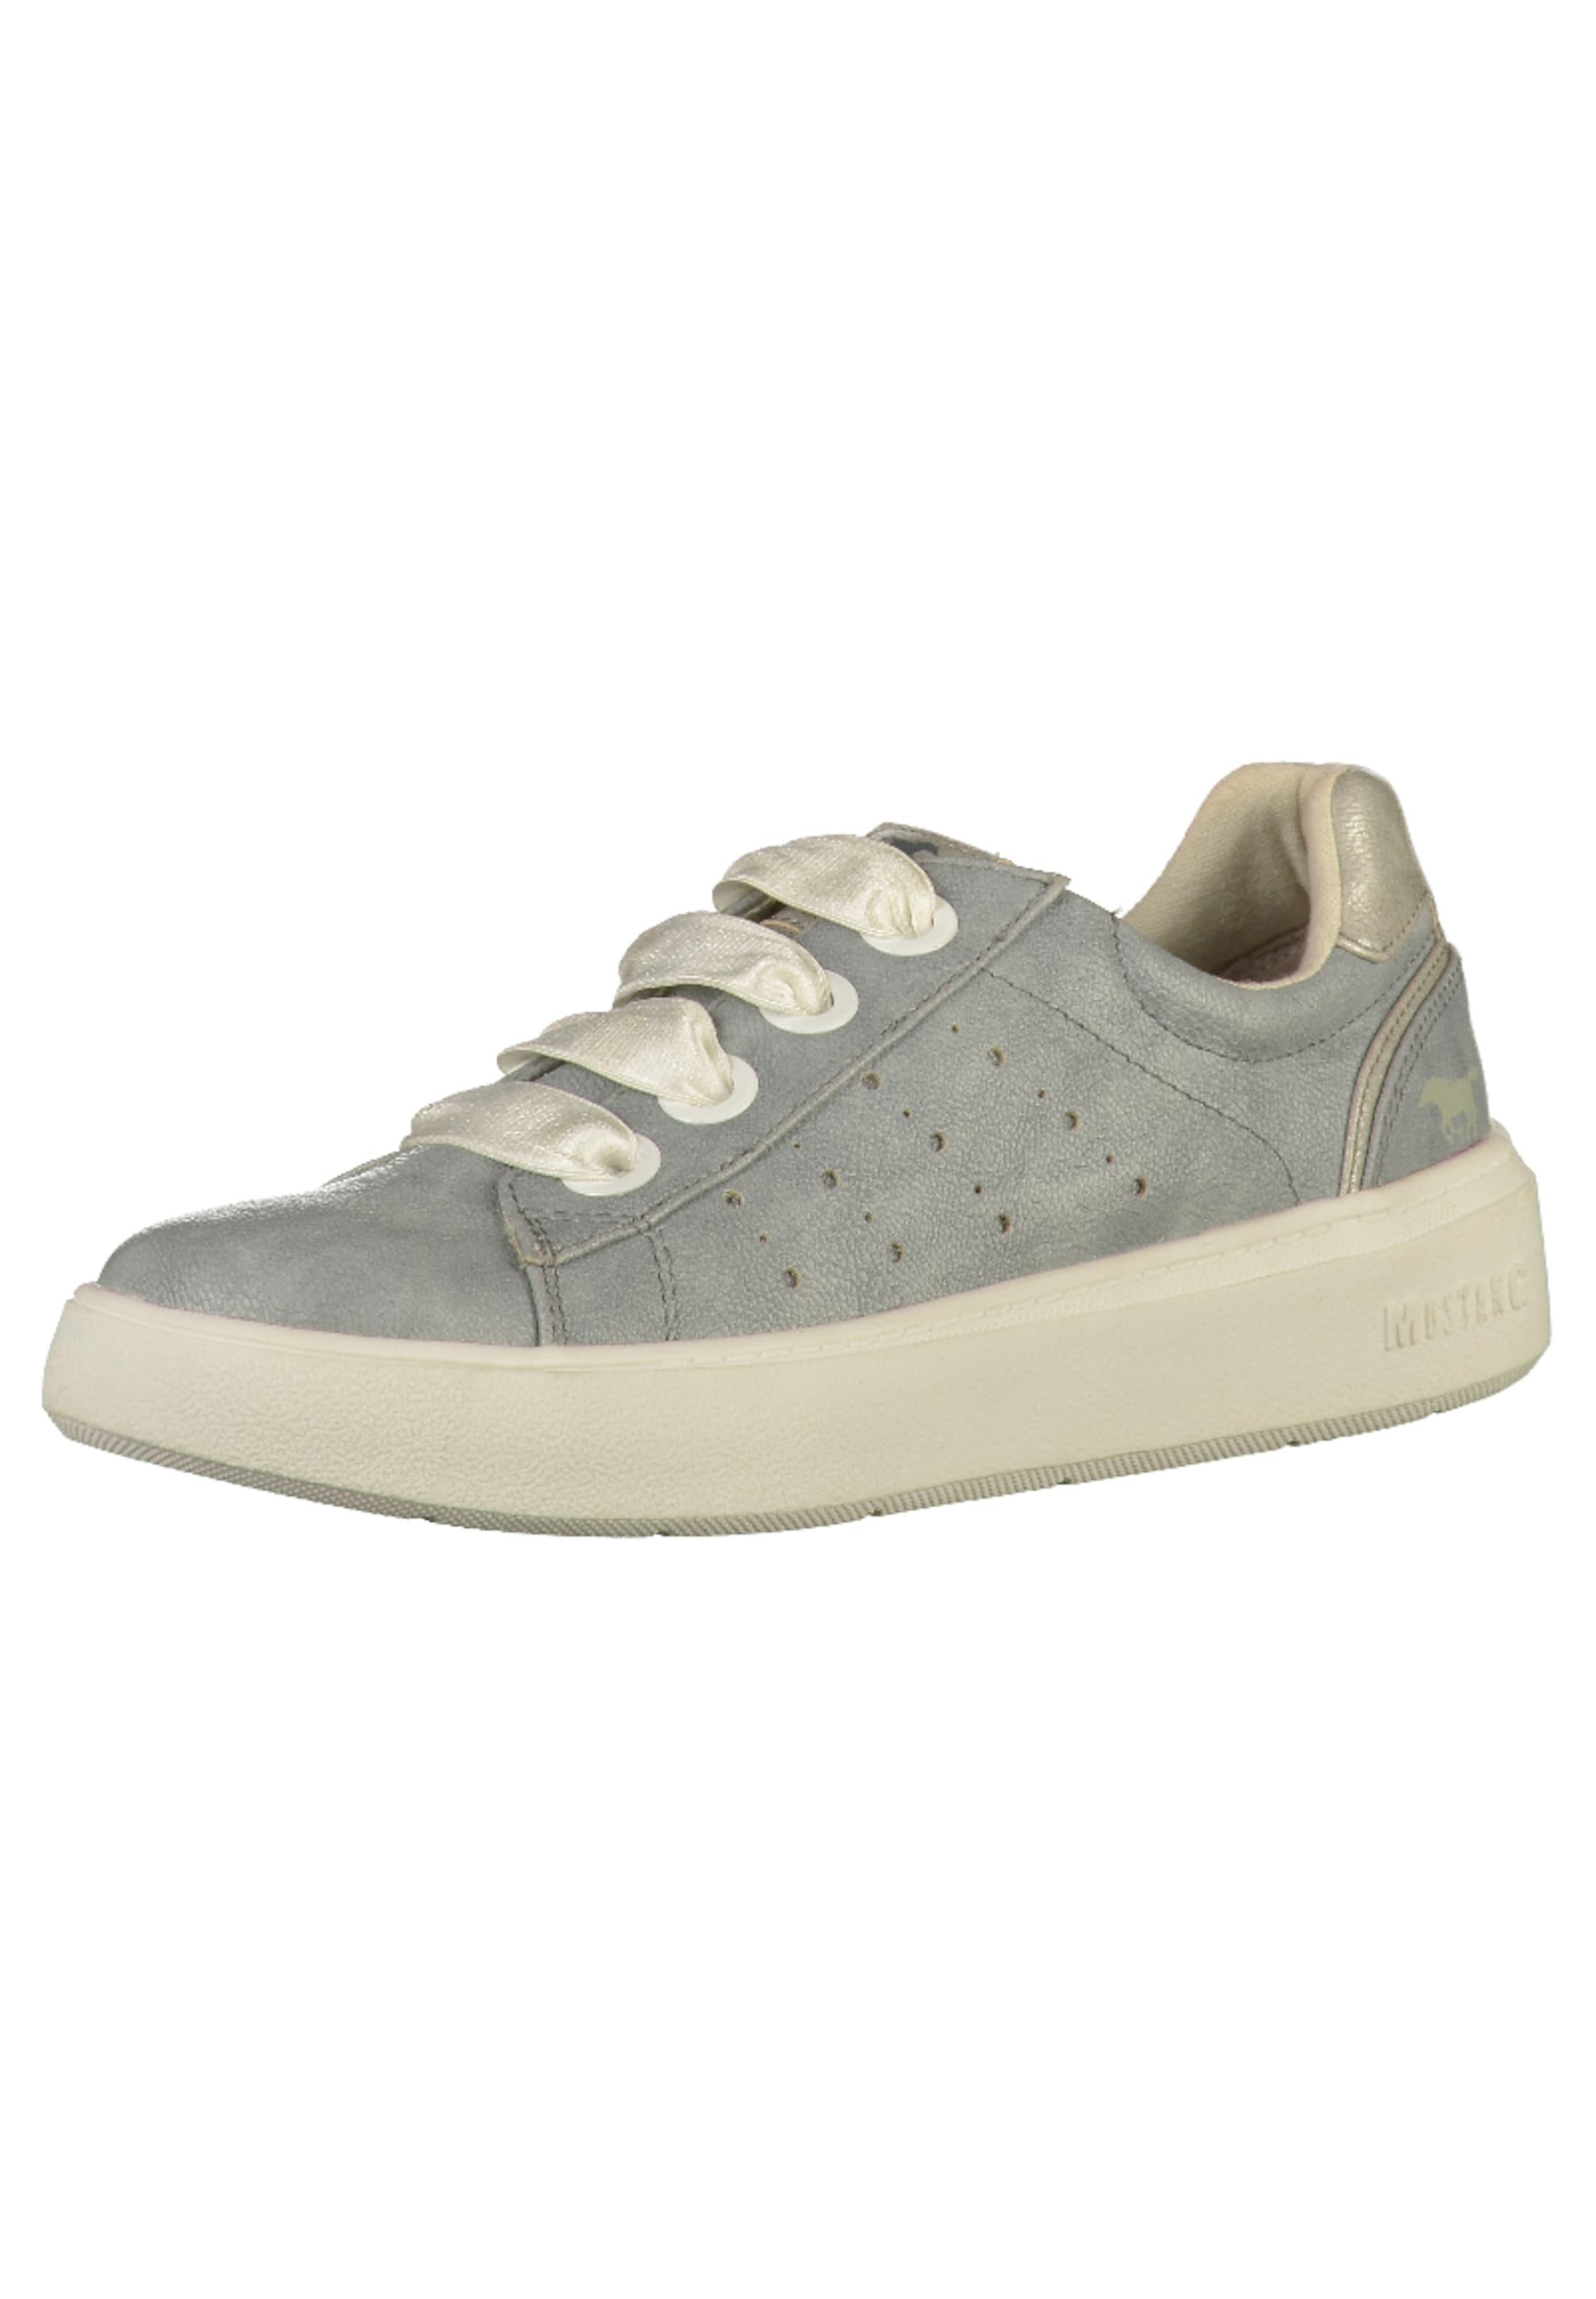 MUSTANG Sneaker Sneaker MUSTANG Günstige und langlebige Schuhe fddb5a